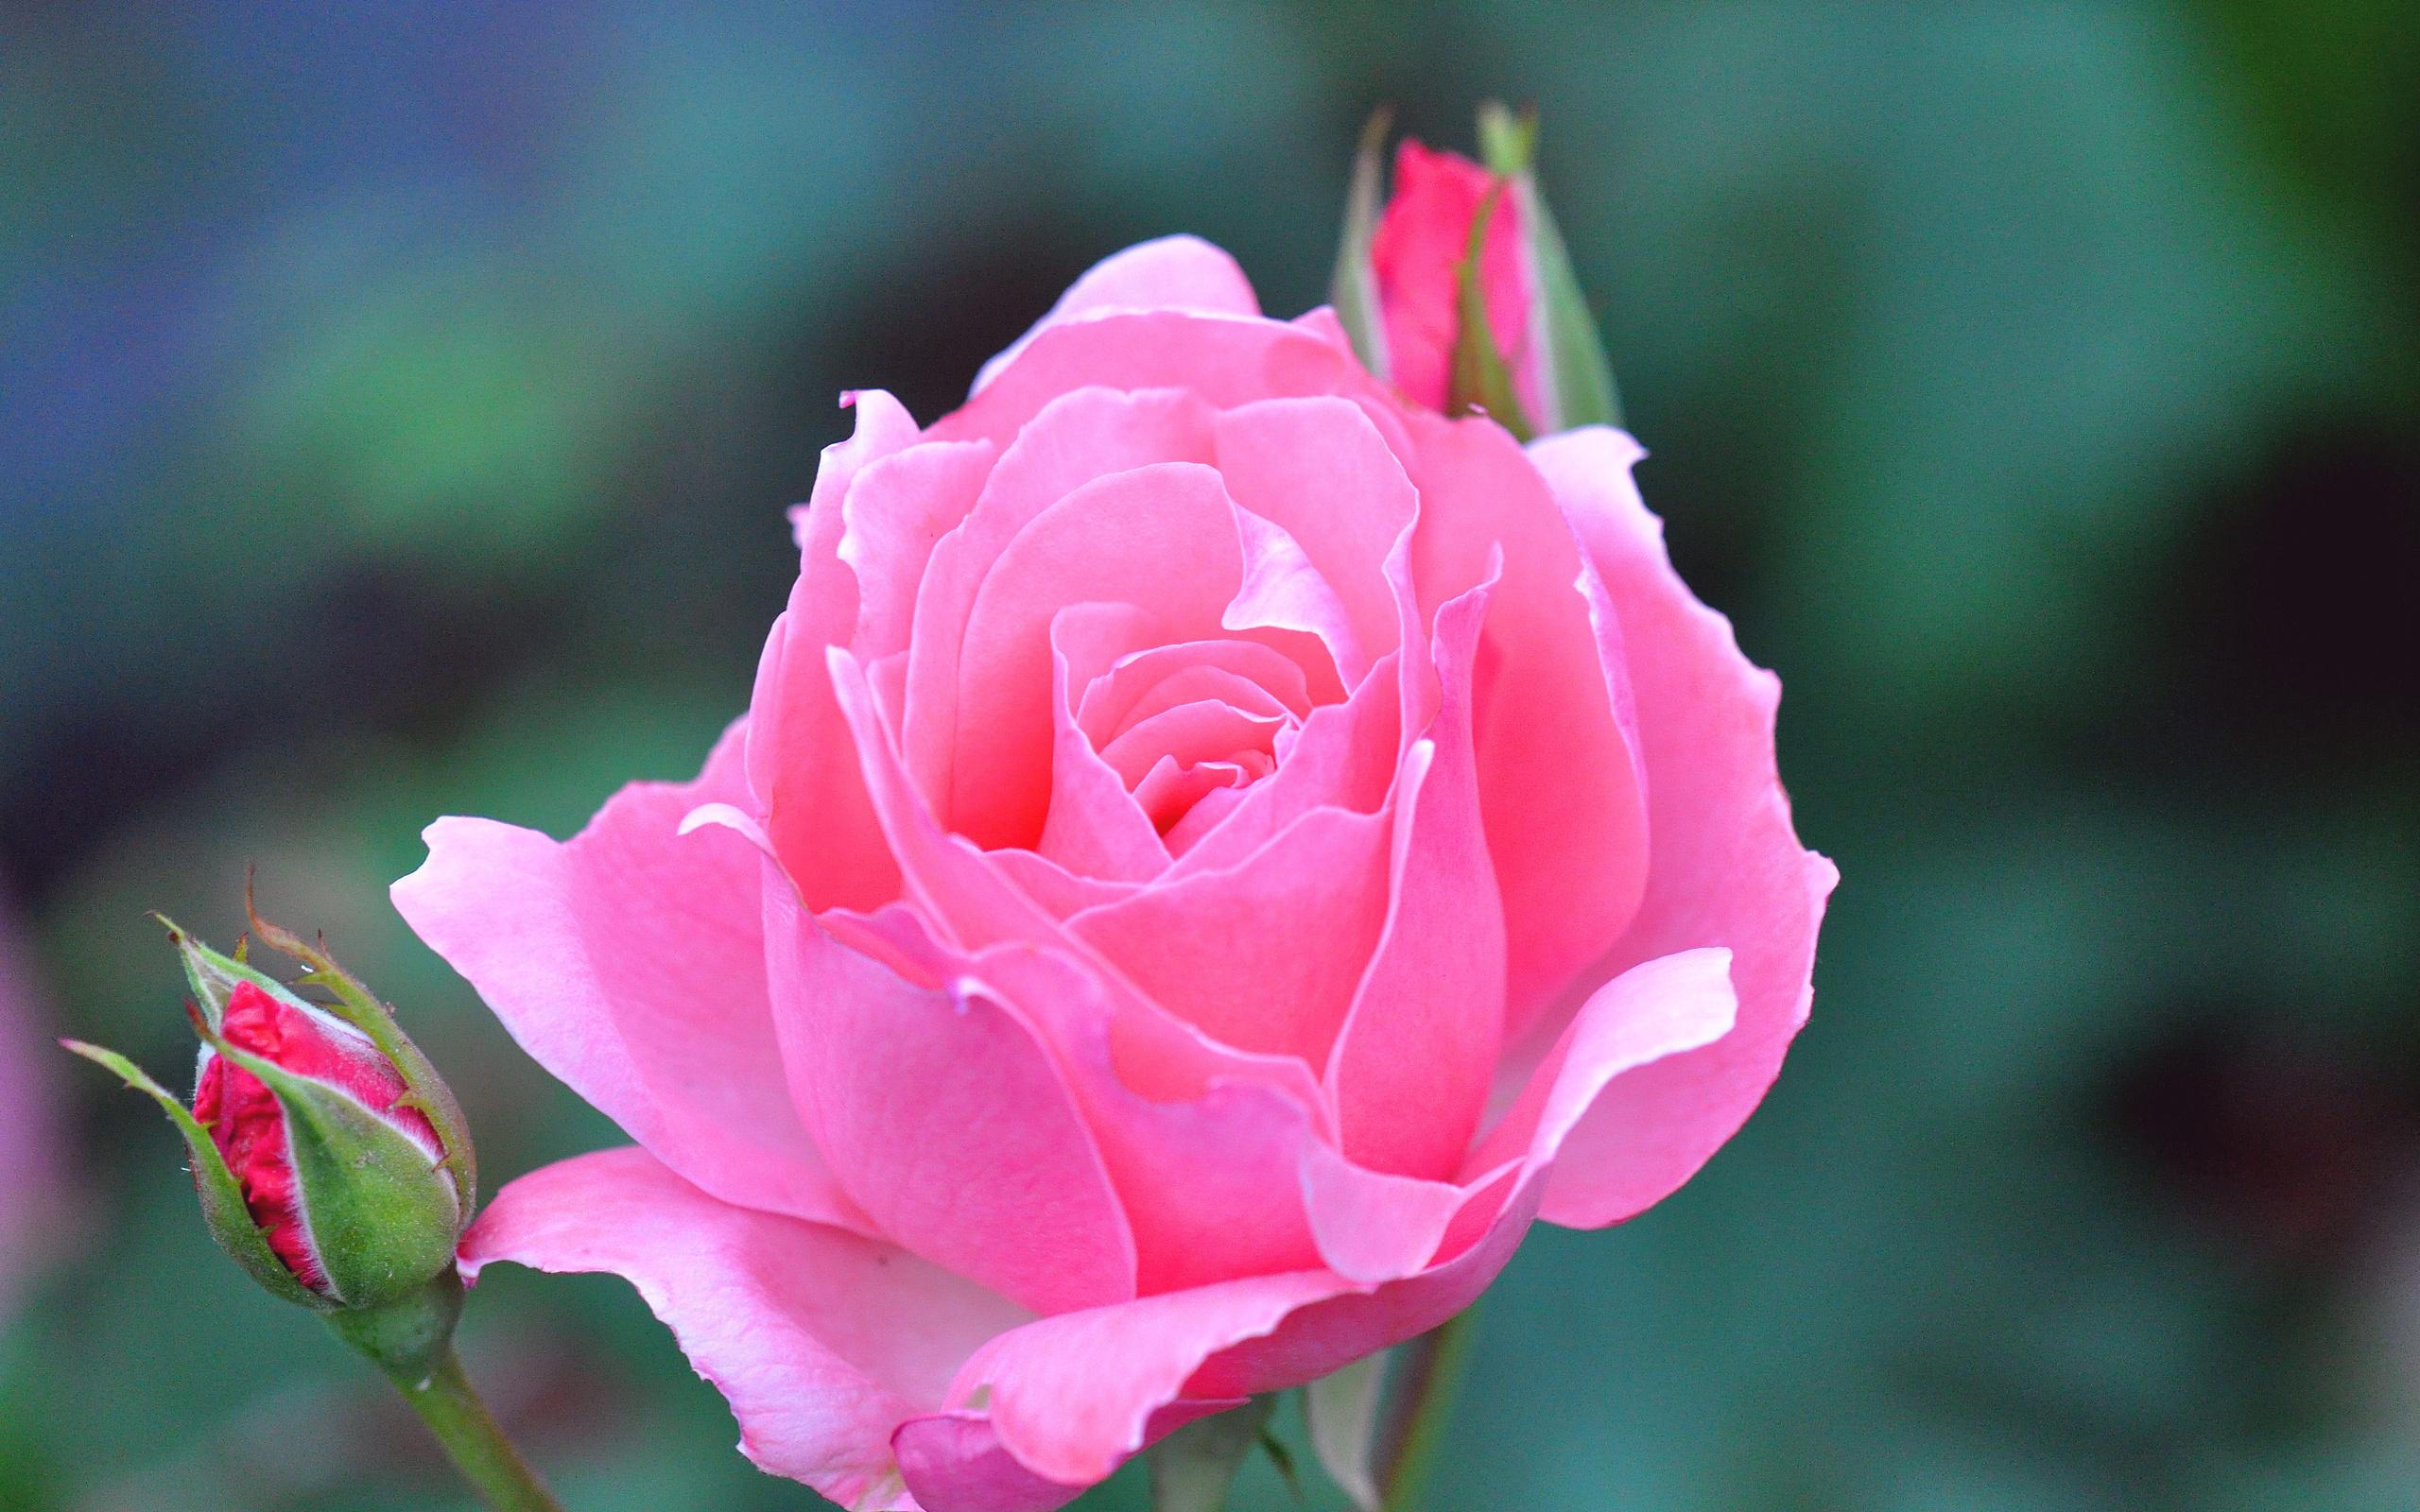 Днем, картинки самые красивые цветы розы